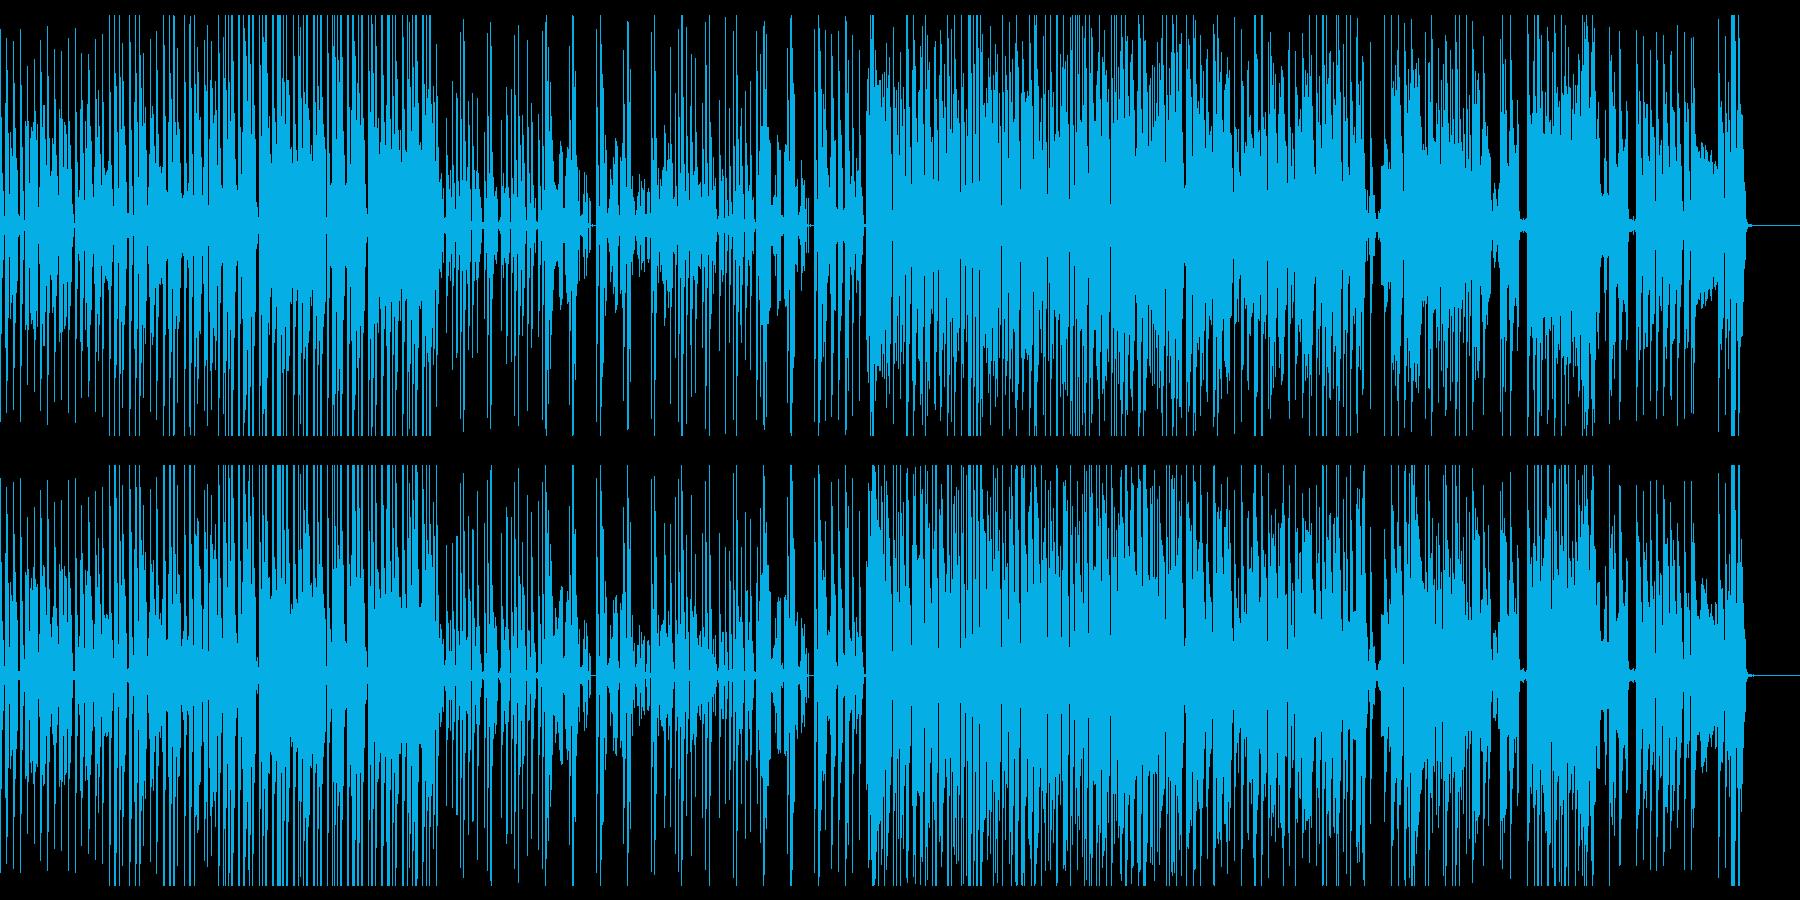 幻想的な雰囲気のテクノBGMの再生済みの波形